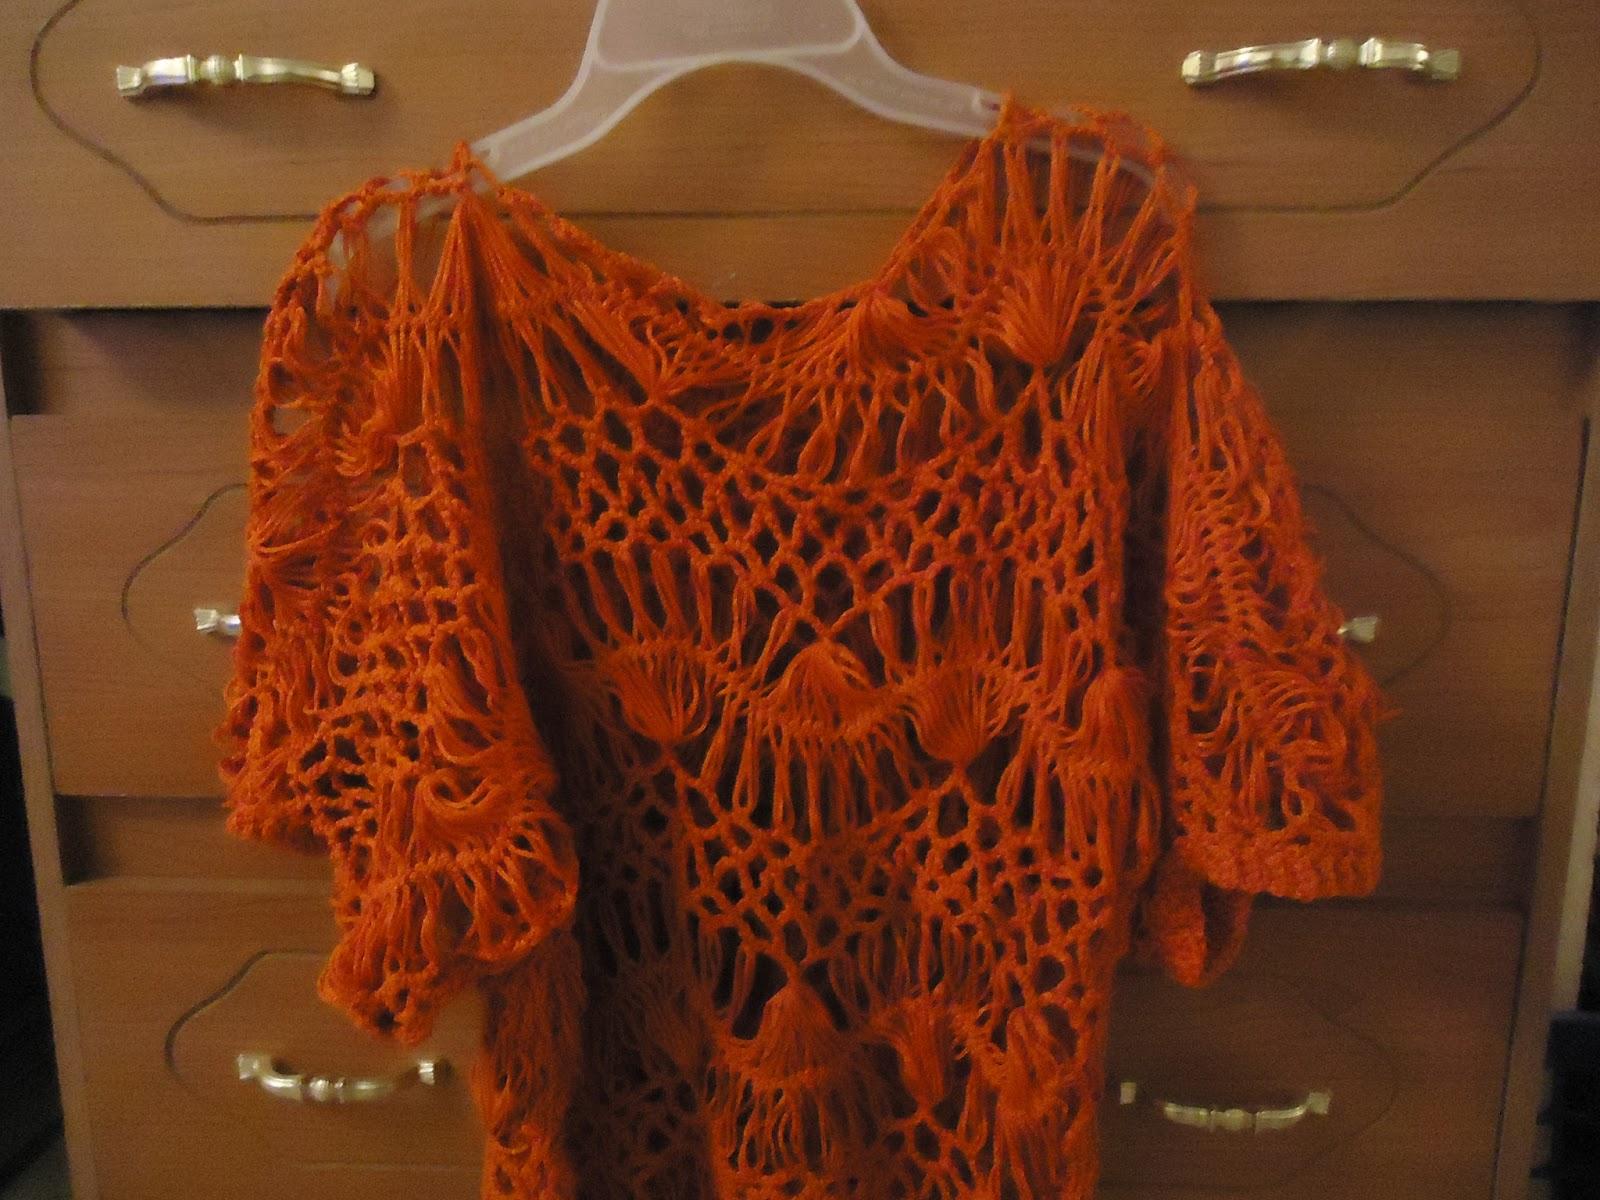 Asombroso Patrones De Encaje Horquilla Crochet Imagen - Ideas de ...